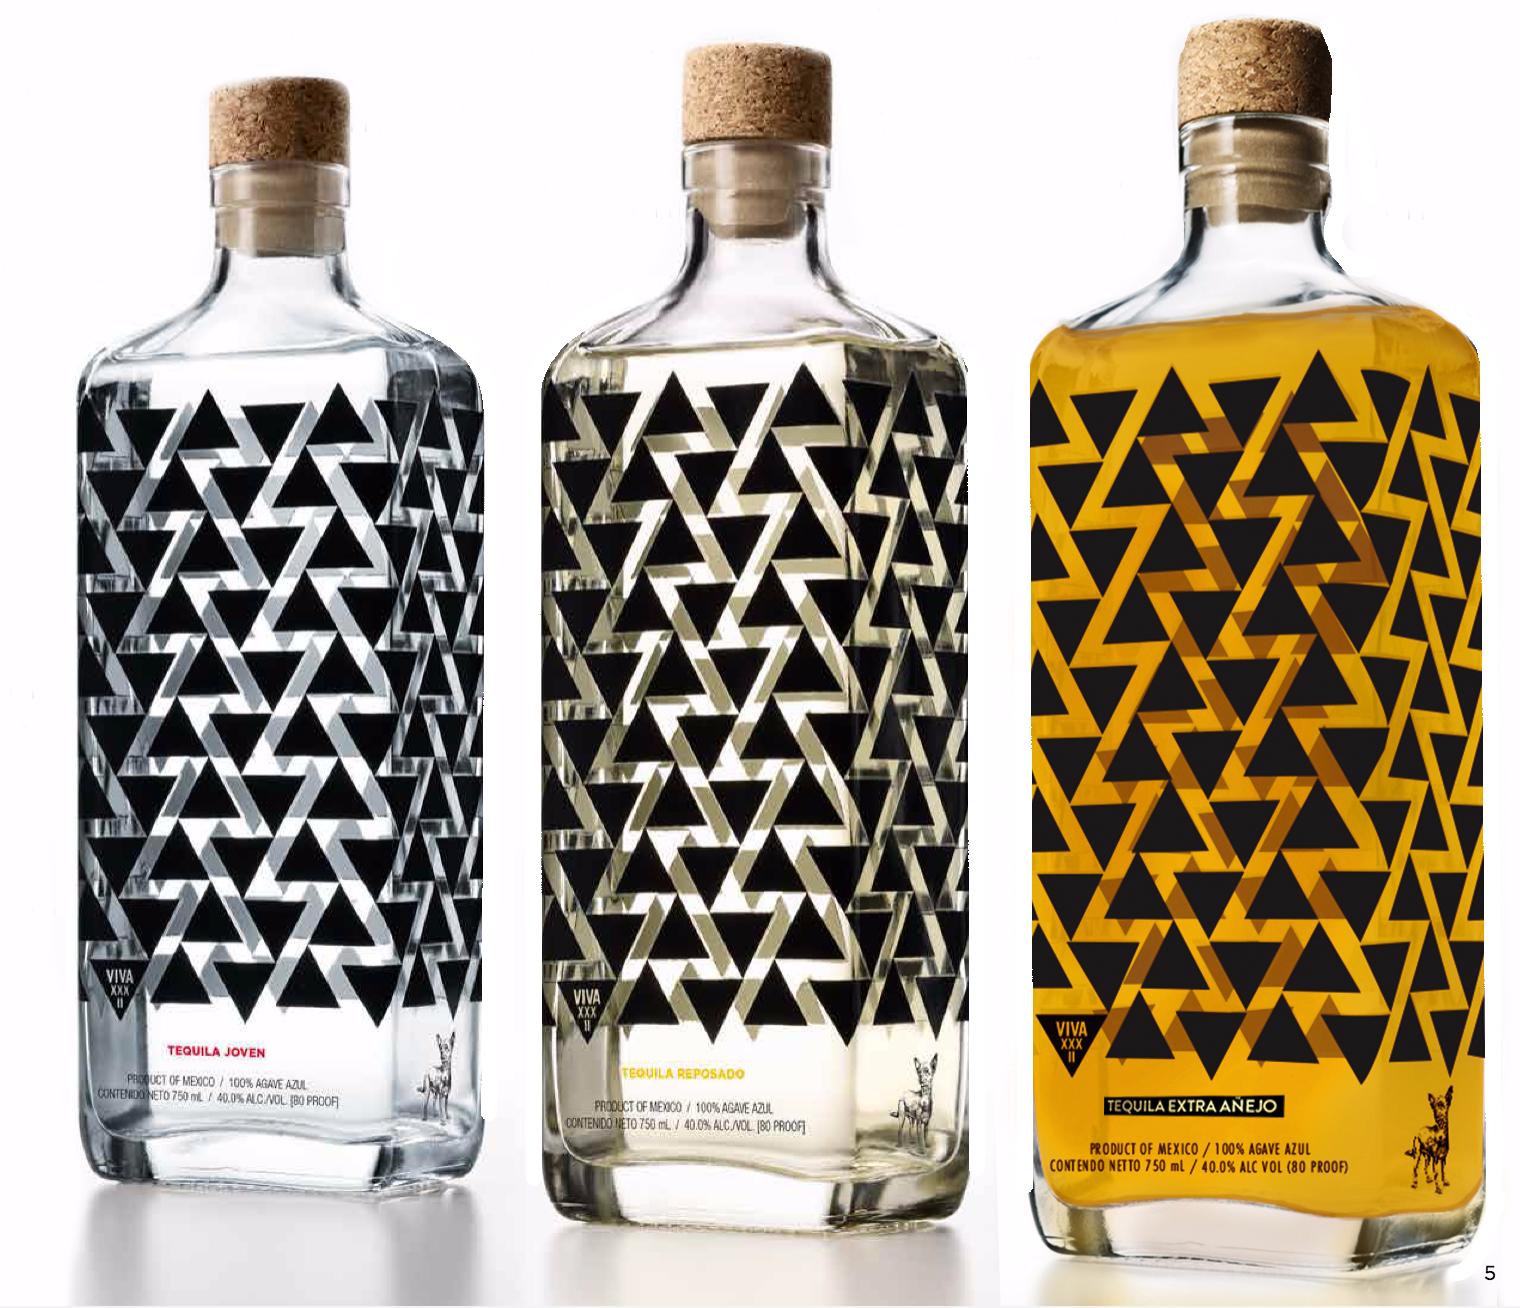 VIVa3_bottles 2.png